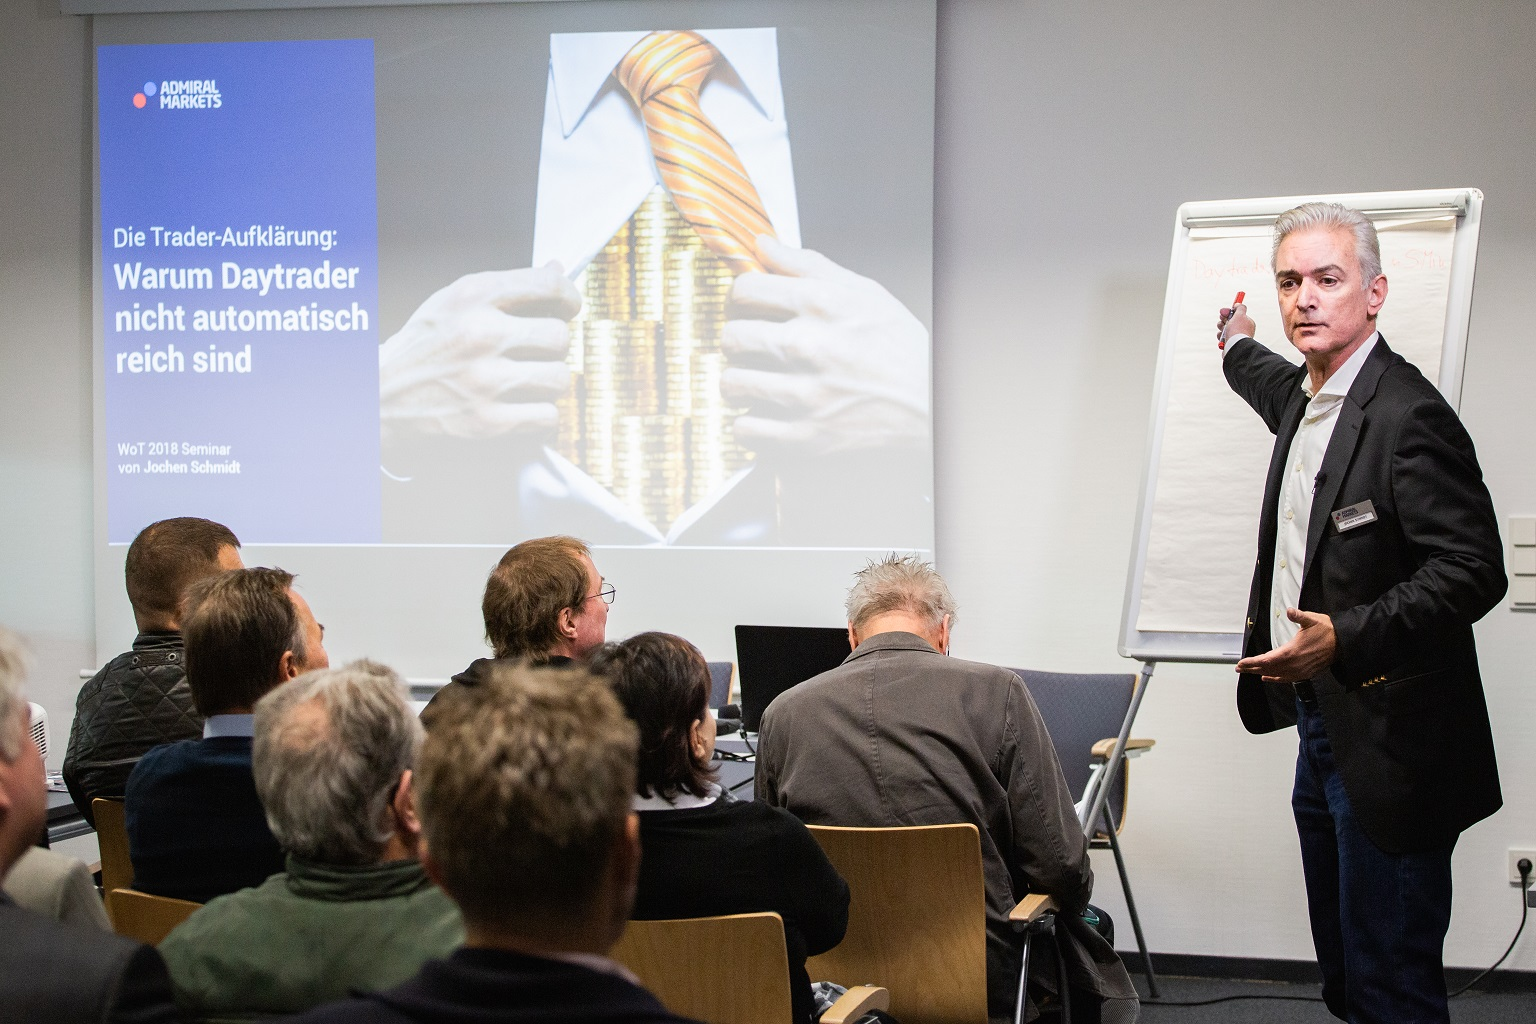 Daytrader = Reich? Jochen Schmidt Seminar auf der WoT 2018